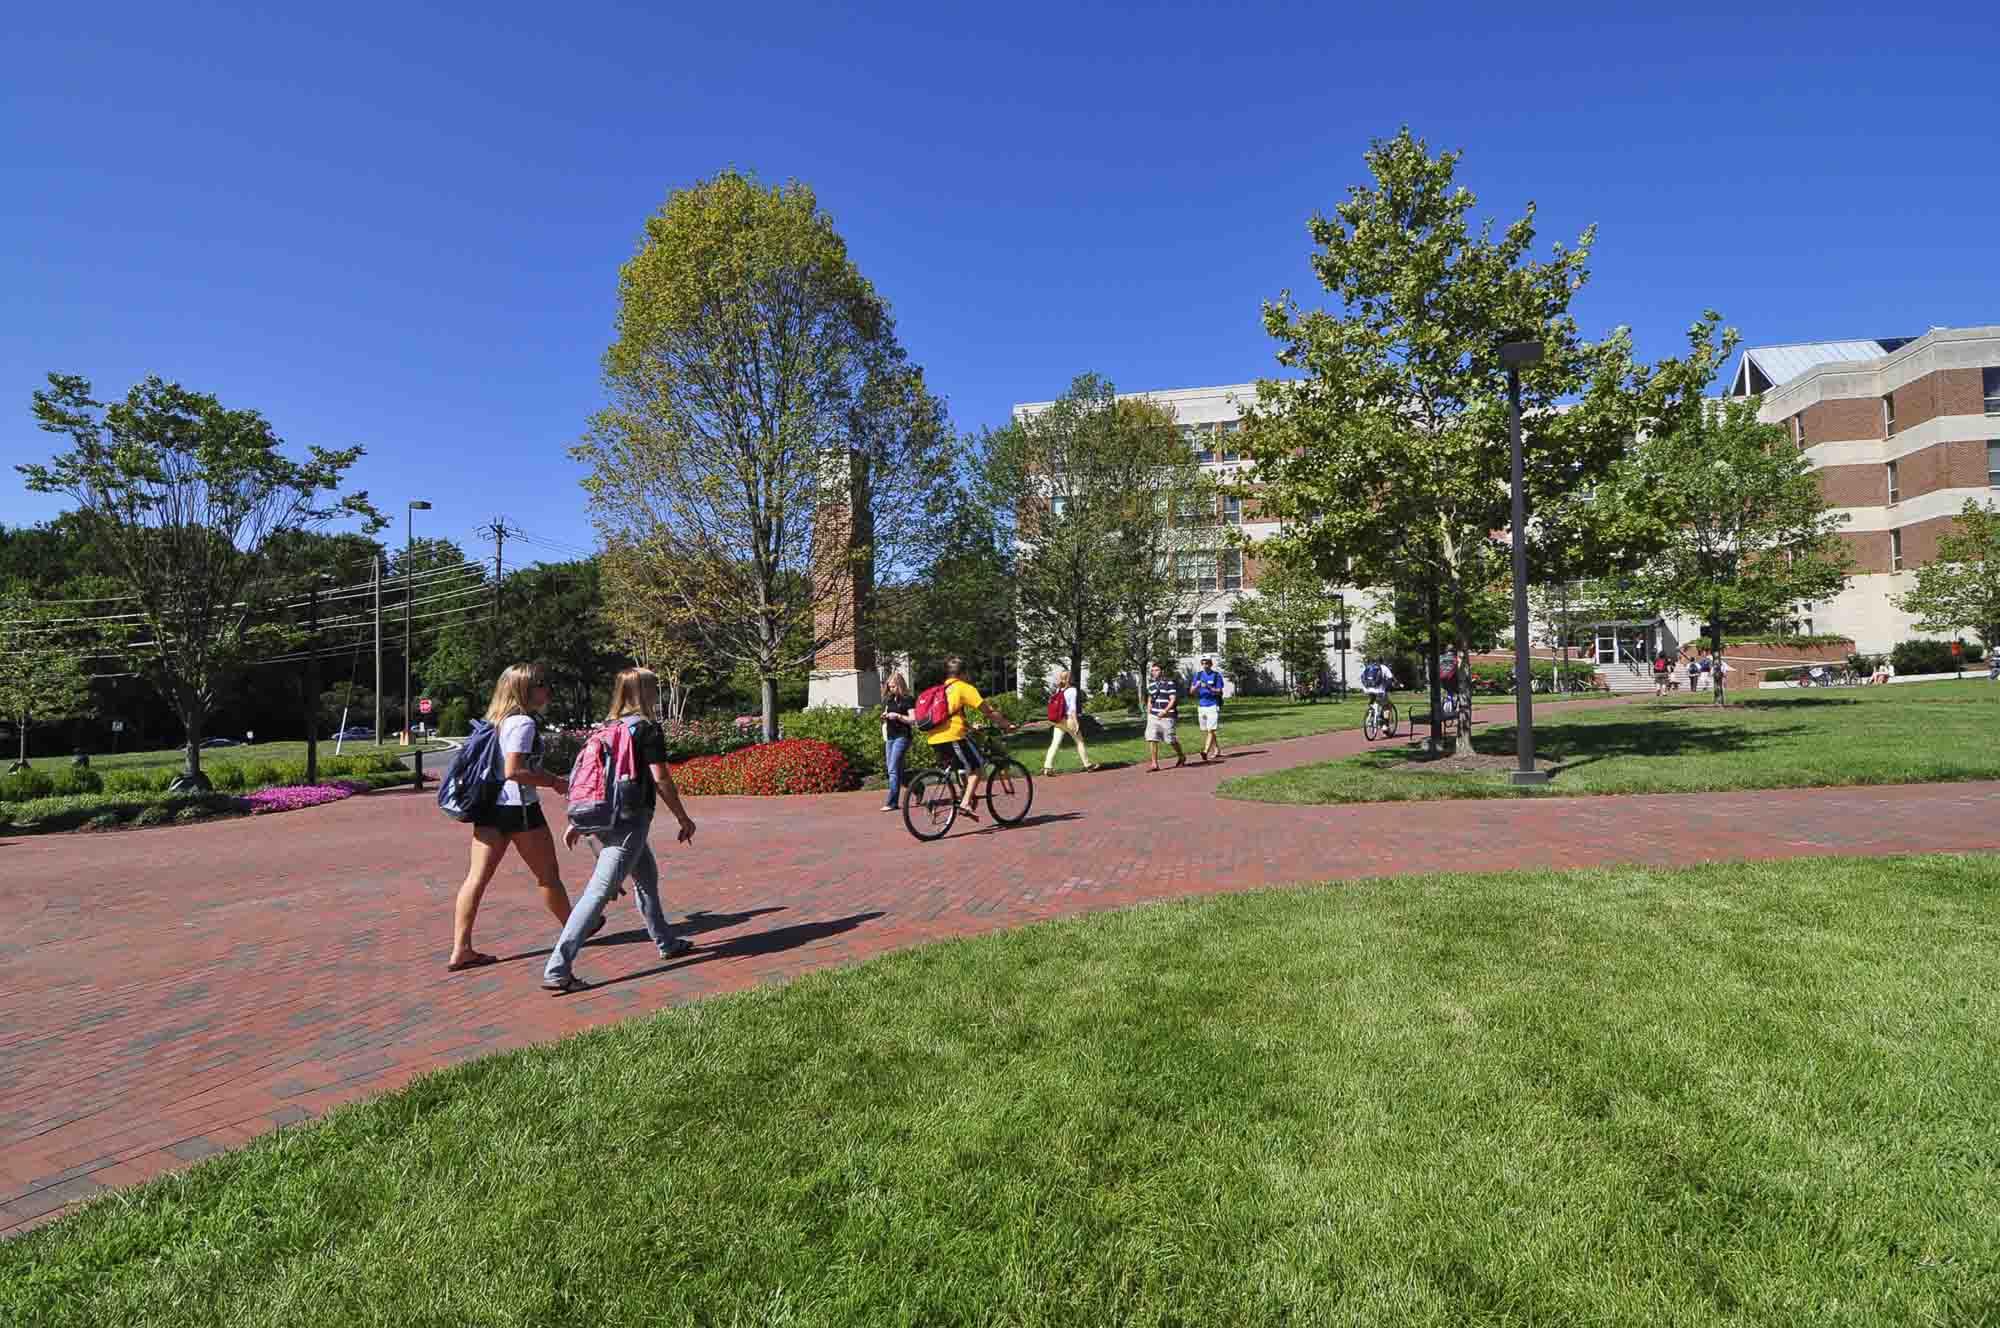 College Park, People Walking